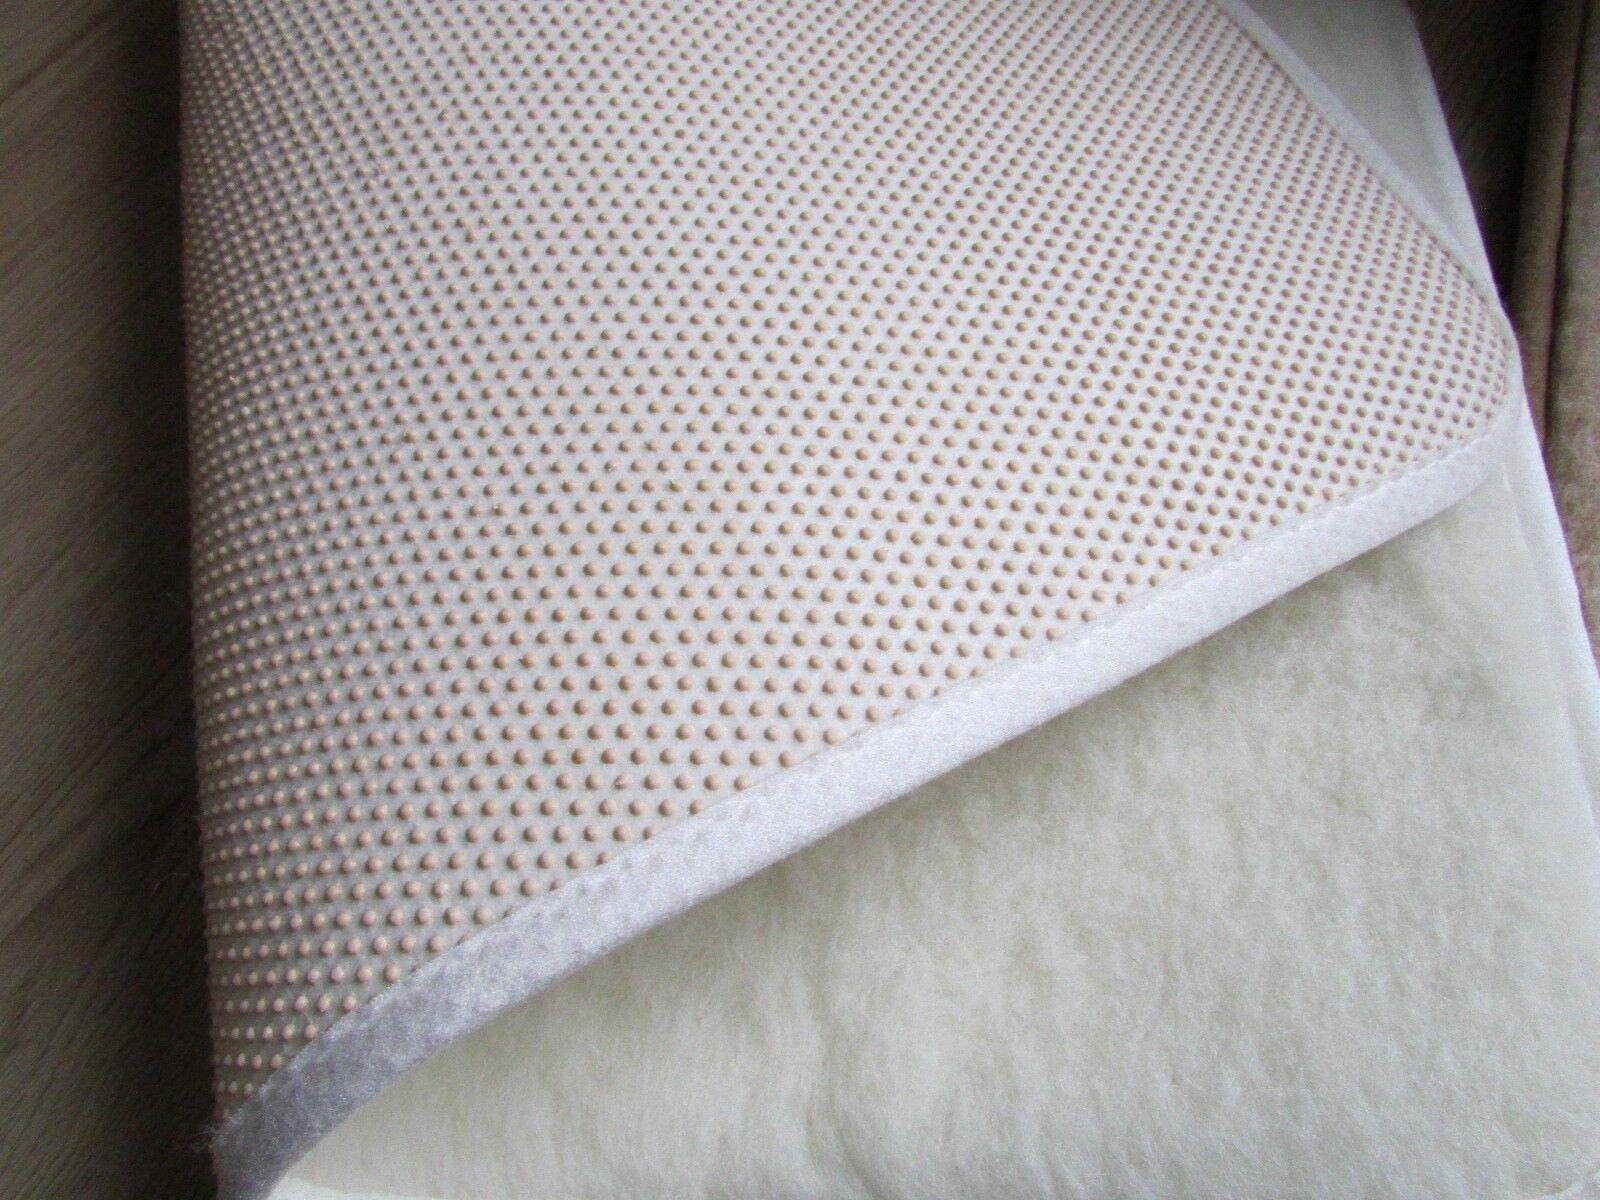 Sportmatte Rutschfest Yogamatte Gymnastikmatte Fußmatte Bettteppich 100% Wolle        Online Kaufen  0240f6